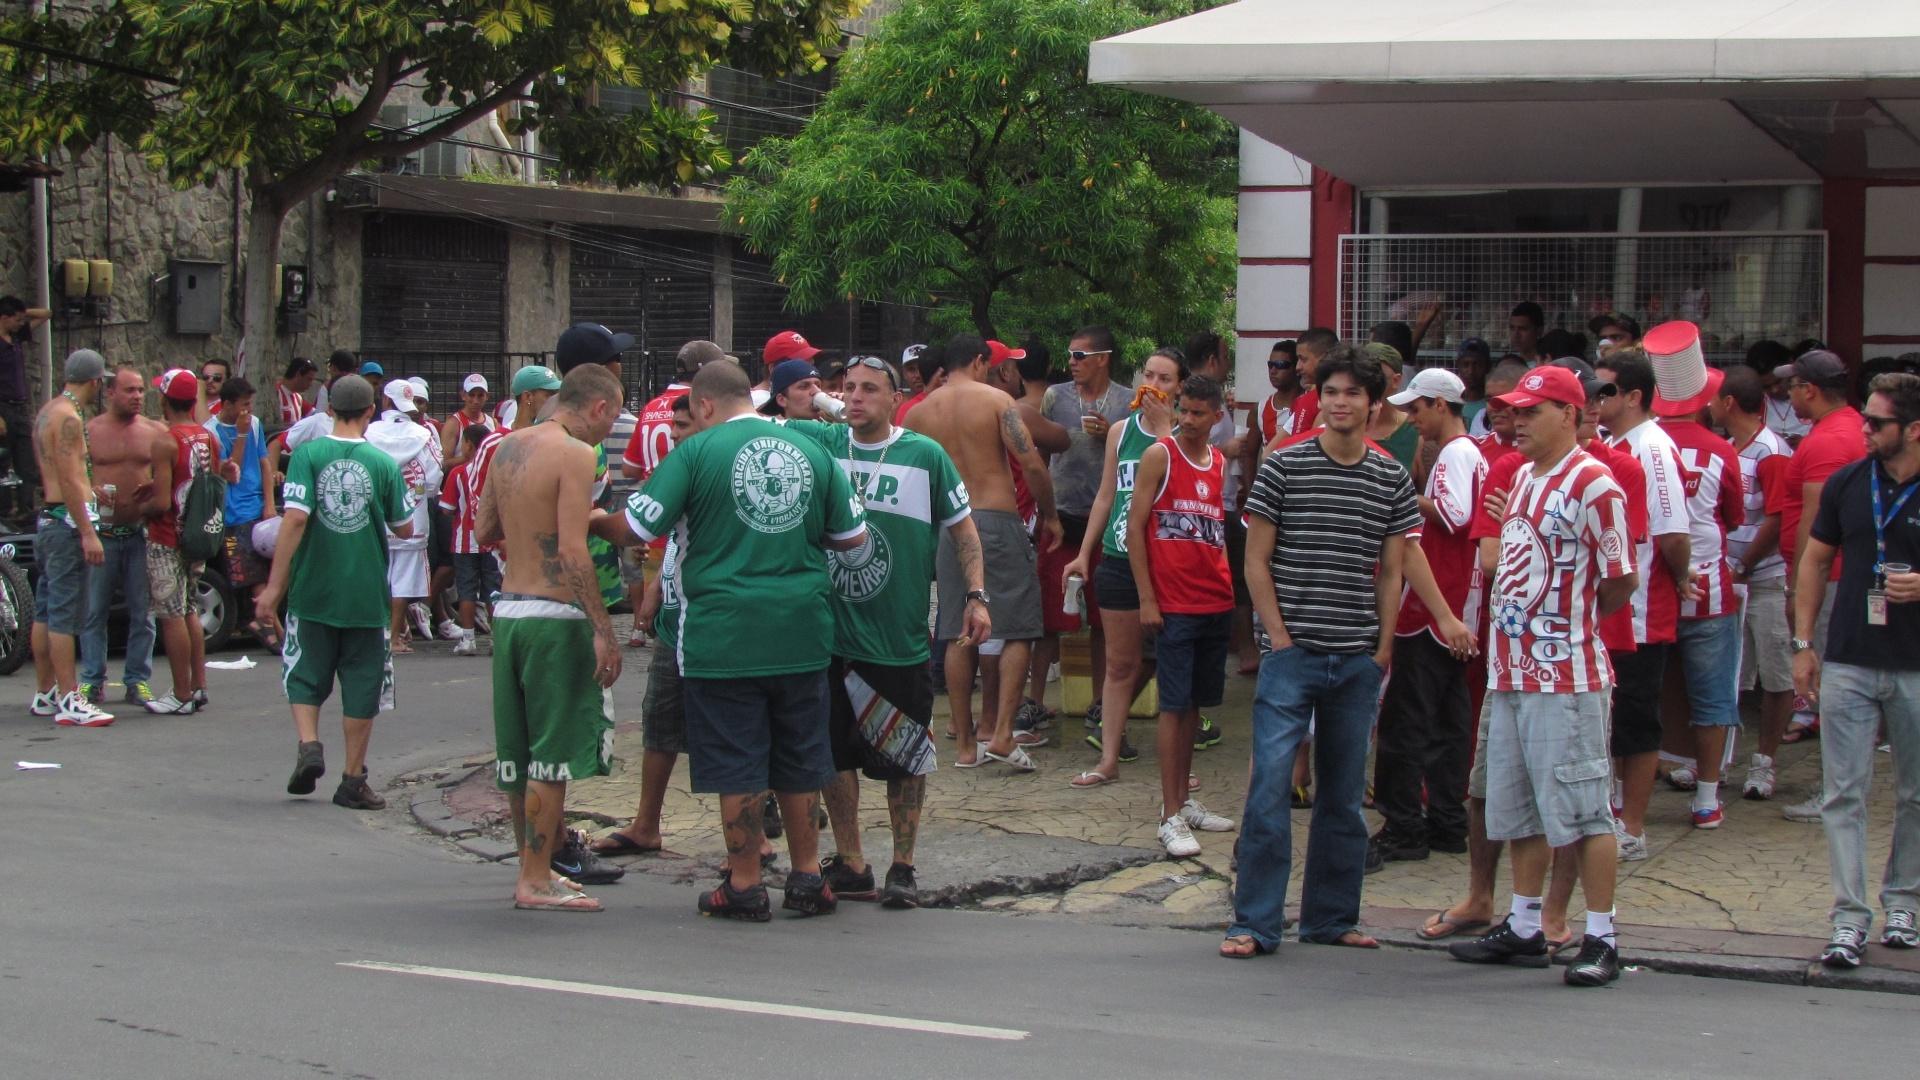 Torcida do Palmeiras é recebida com apoio dos donos da casa na entrada dos Aflitos